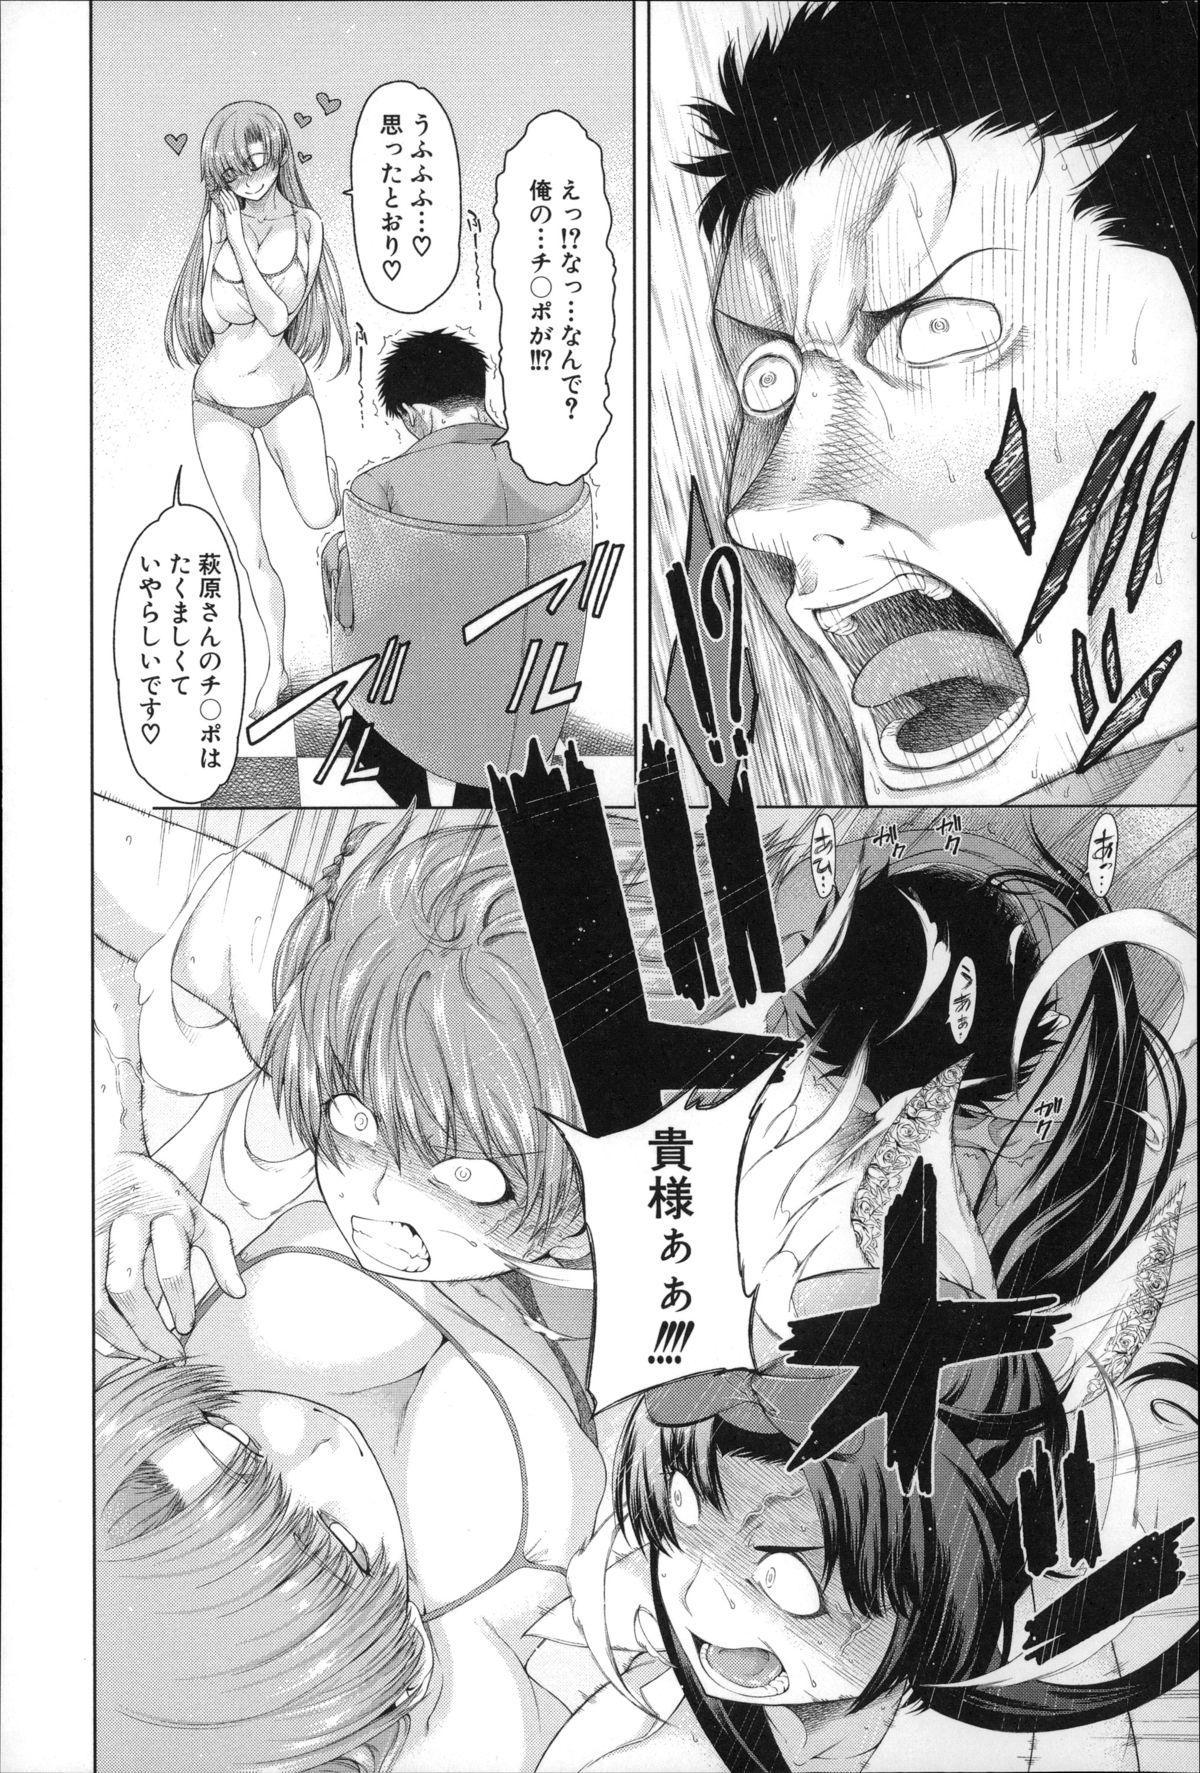 Migite ga Bishoujo ni Natta kara Sex Shita kedo Doutei dayone!! 120